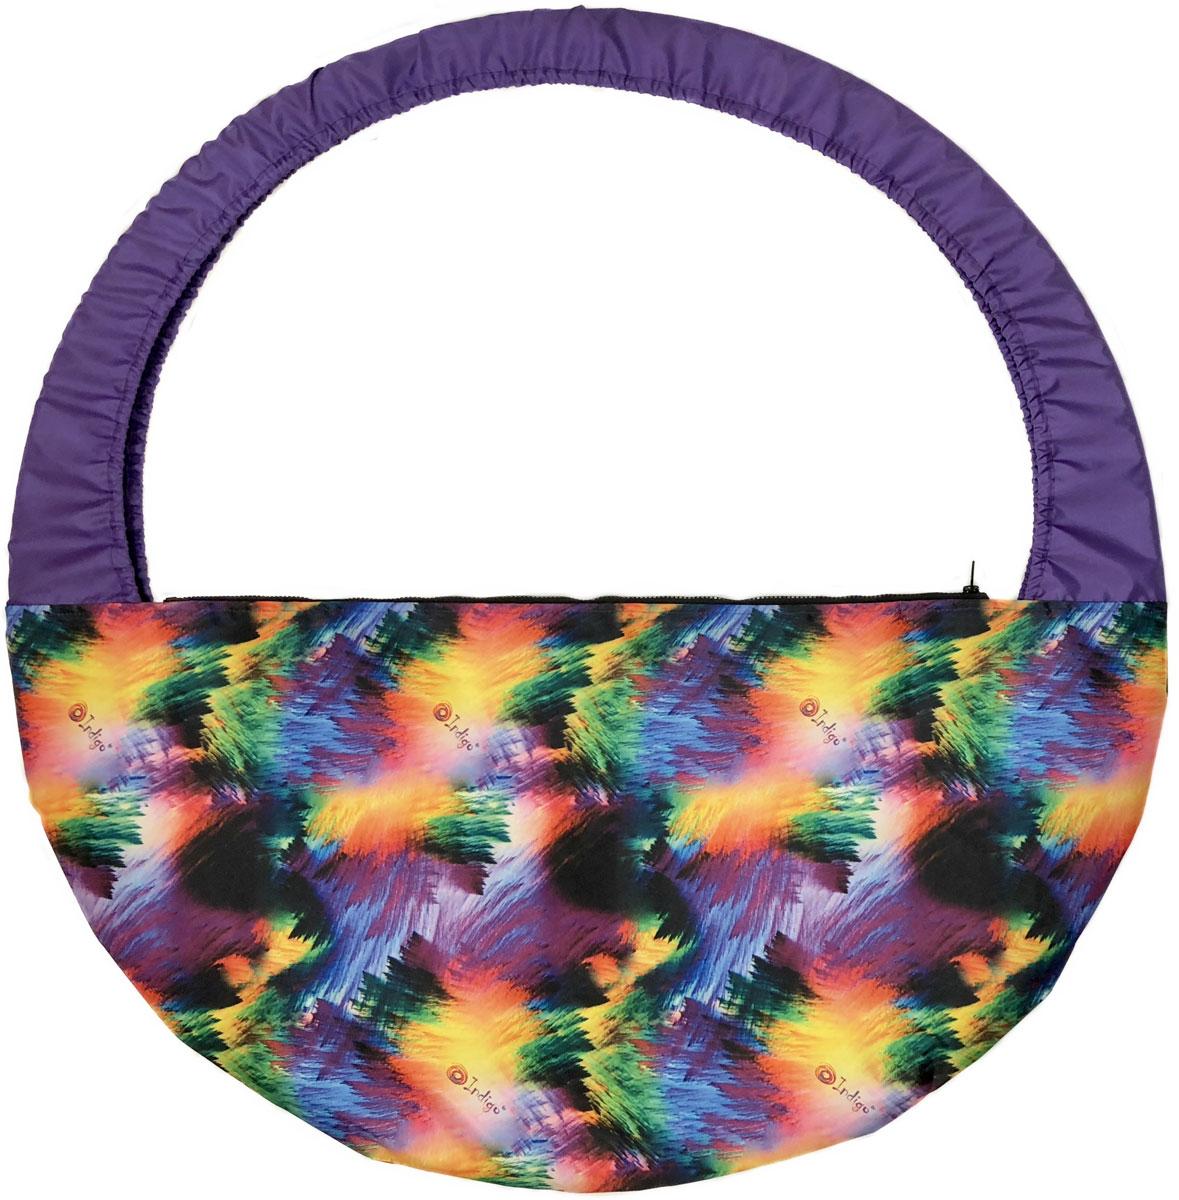 Сумка-чехол для обруча Indigo Гламур, цвет: разноцветный, диаметр 60 х 90 см мяч для художественной гимнастики indigo силиконовый цвет разноцветный диаметр 15 см